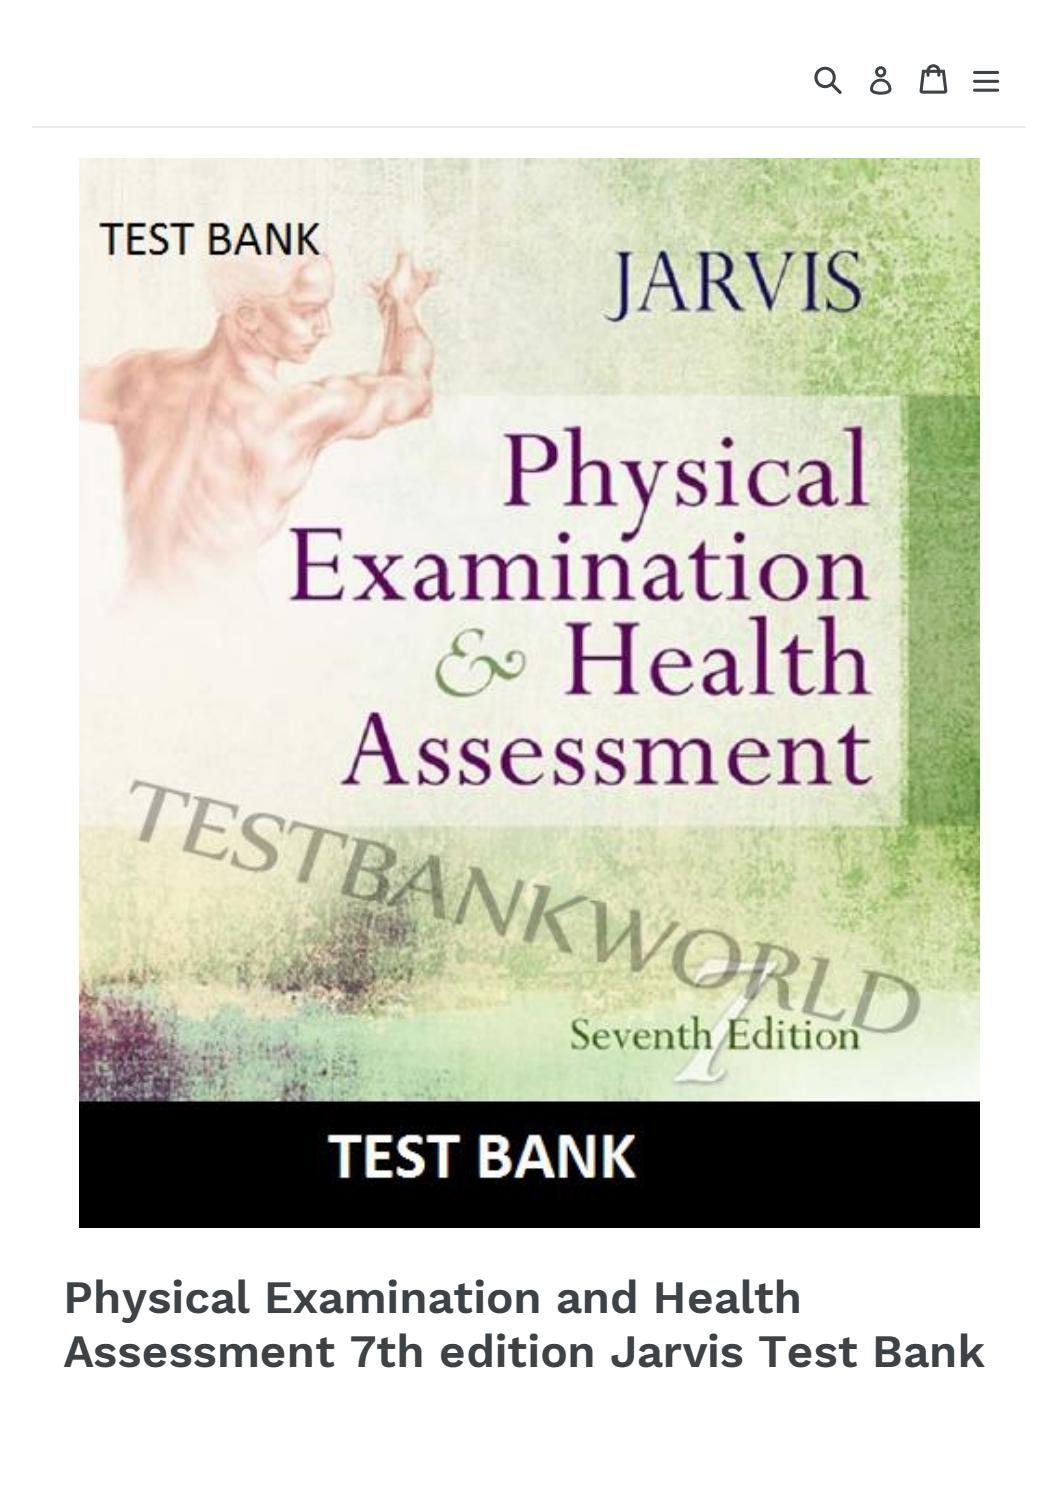 Pin on Nursing Test banks